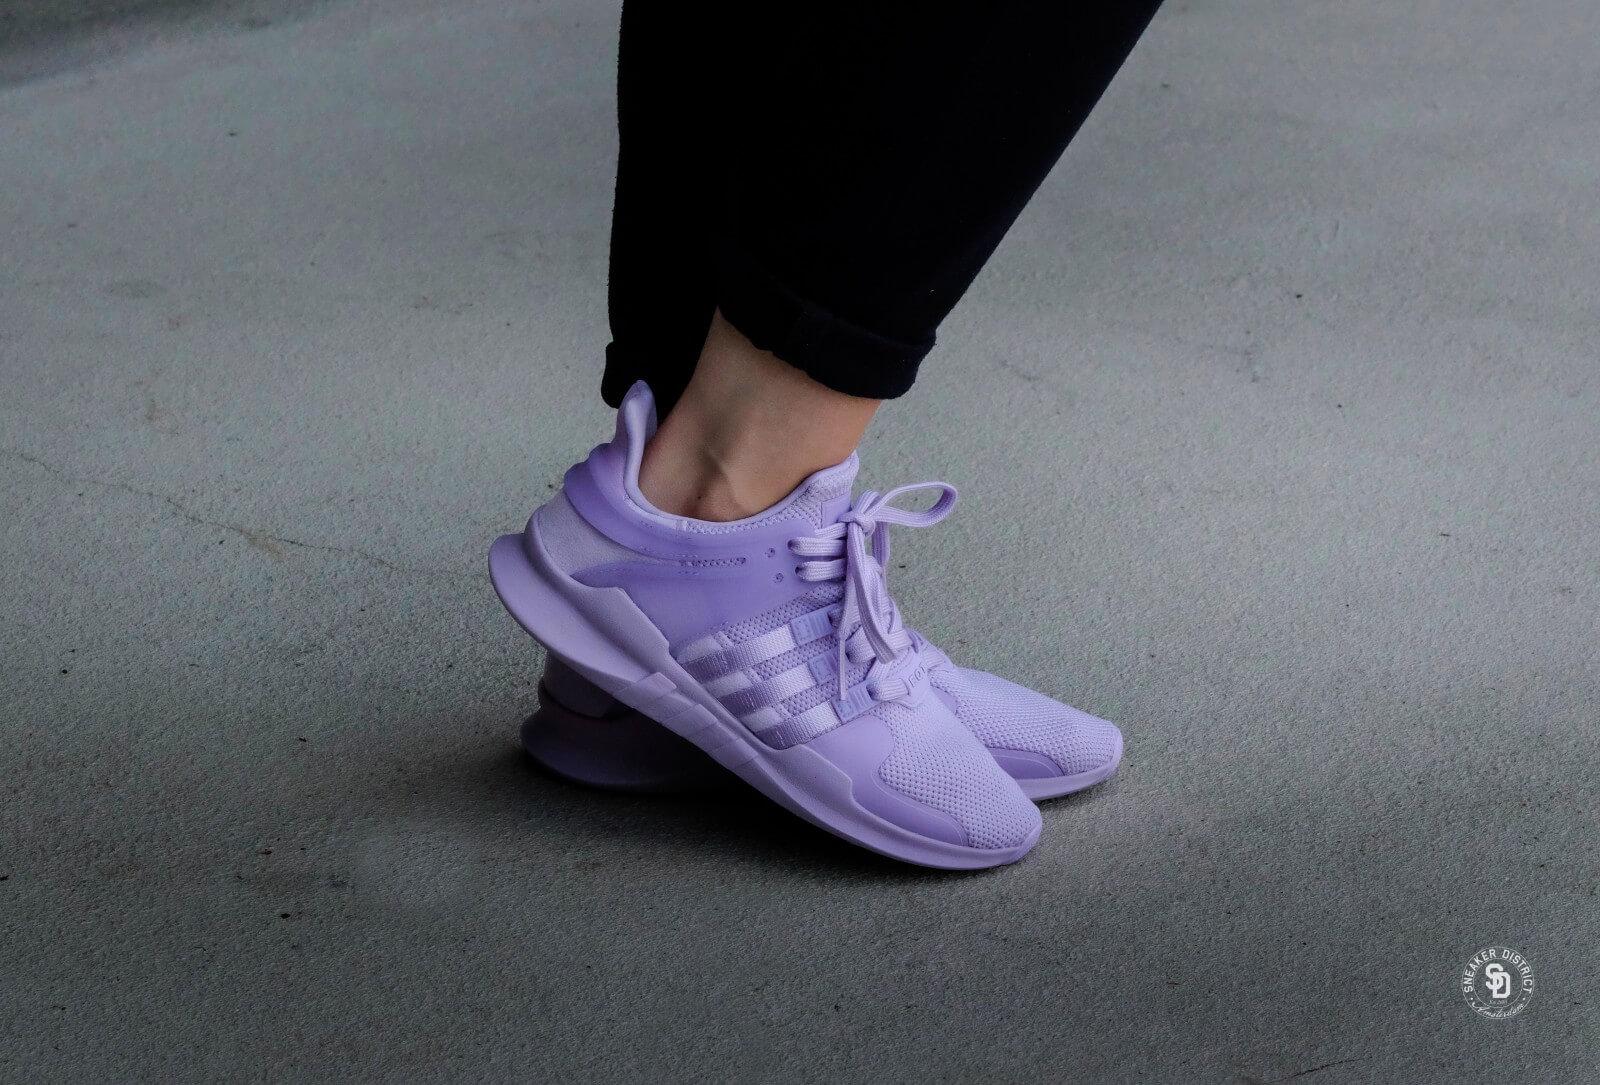 Adidas WMNS EQT Support ADV Purple Glow/Sub Green